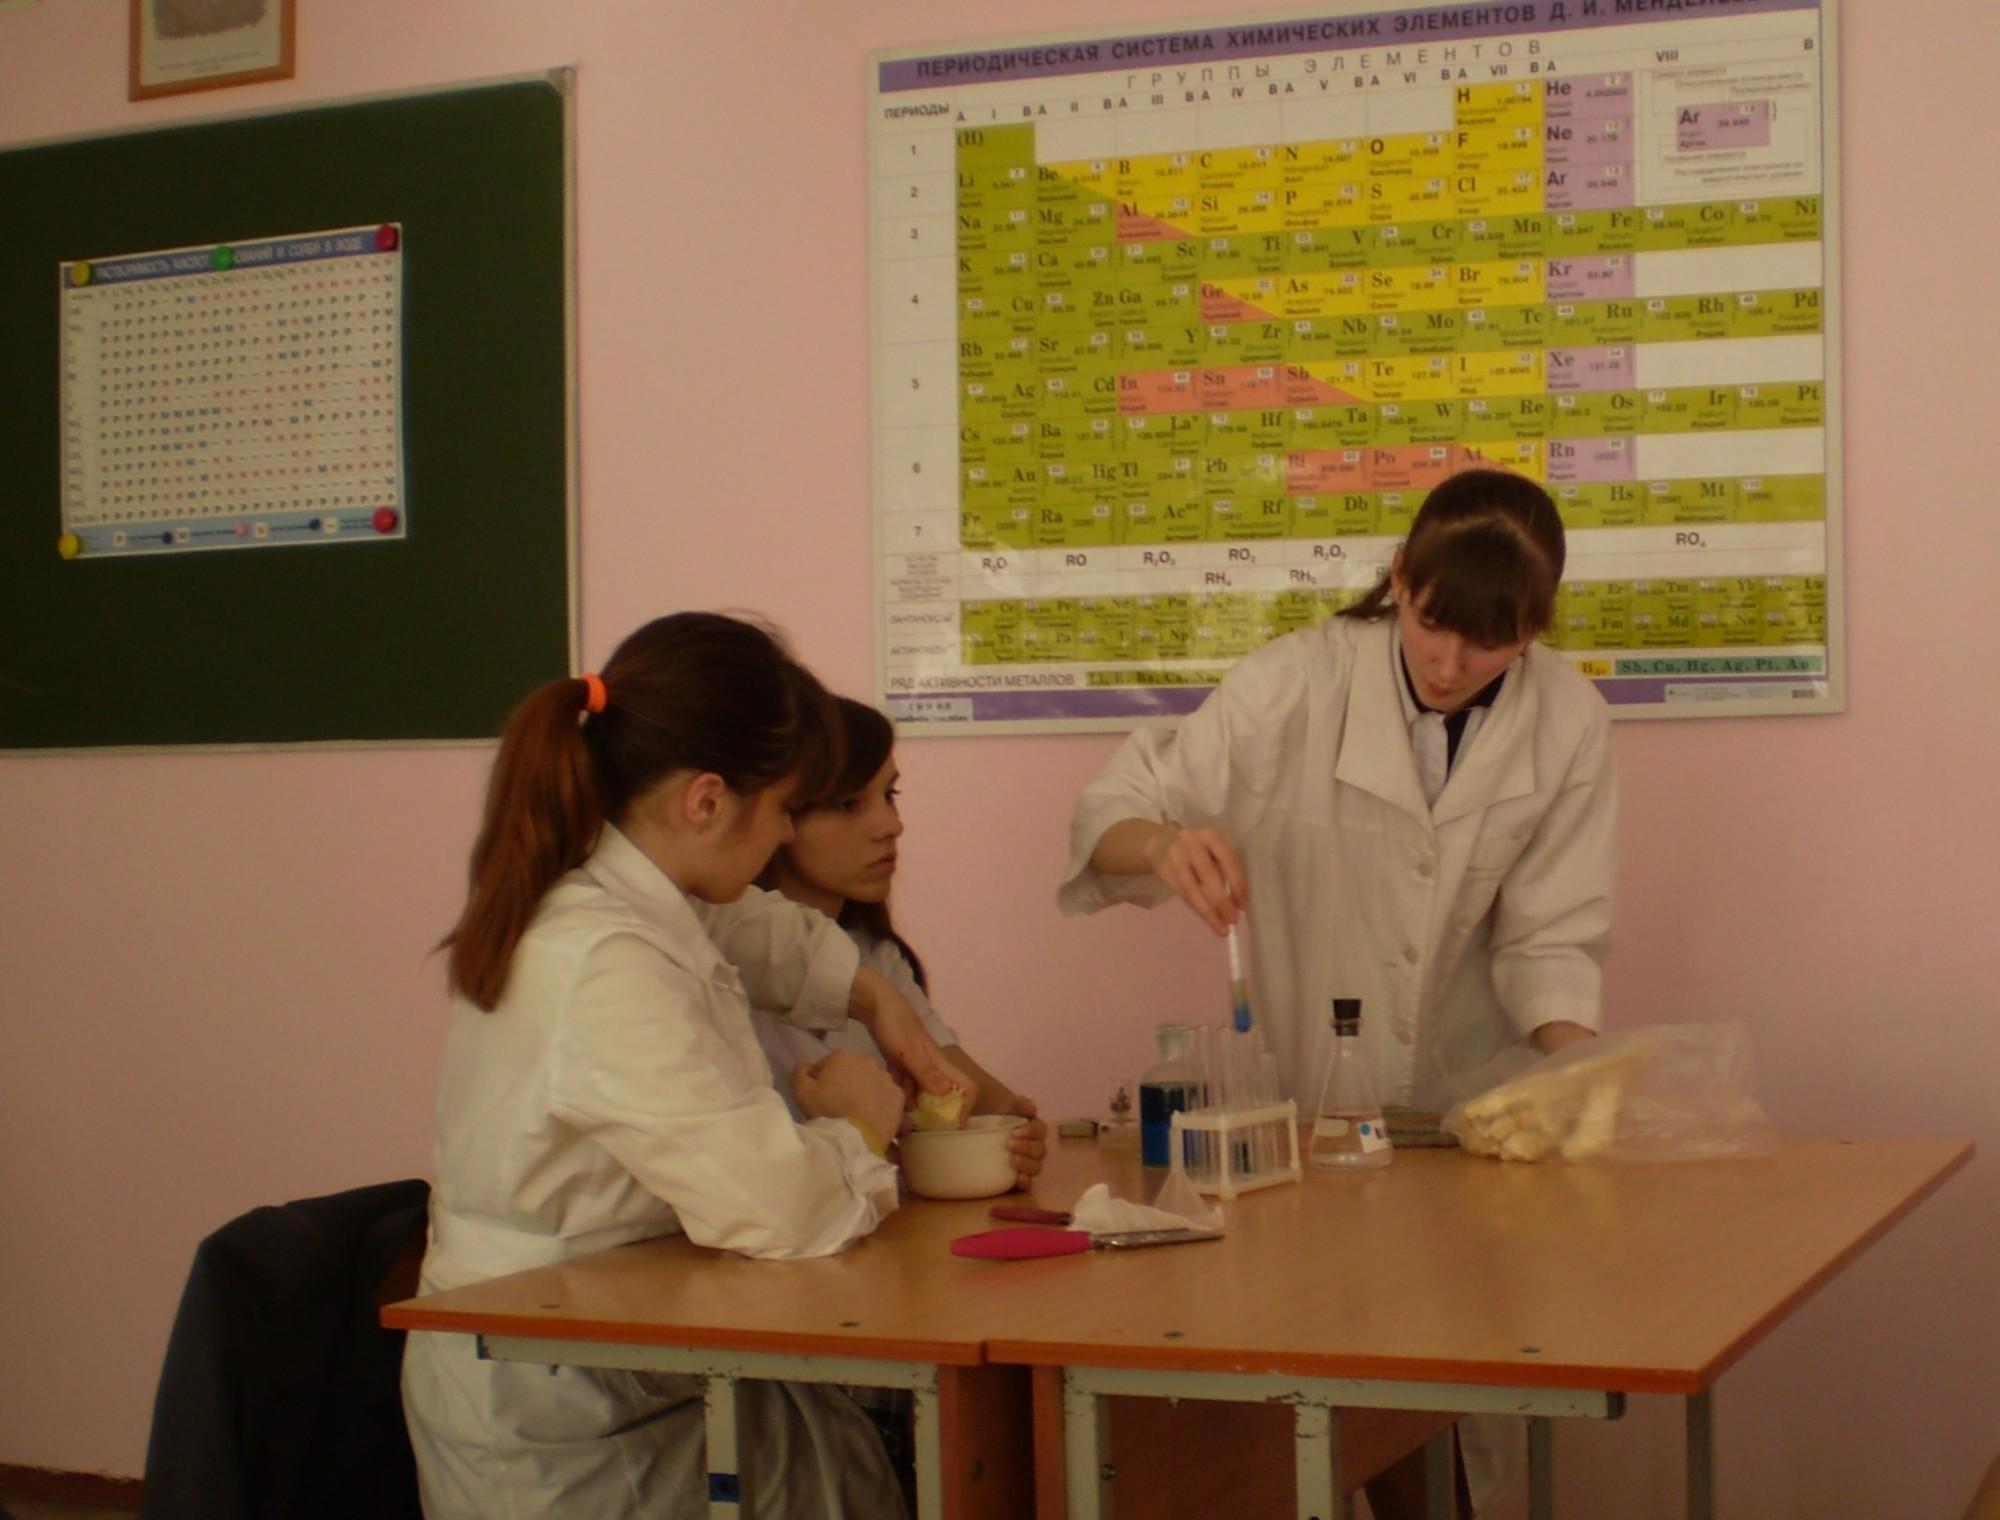 Прошел мастер-класс «Метапредметные результаты внеурочной деятельности по естественно-научным дисциплинам»